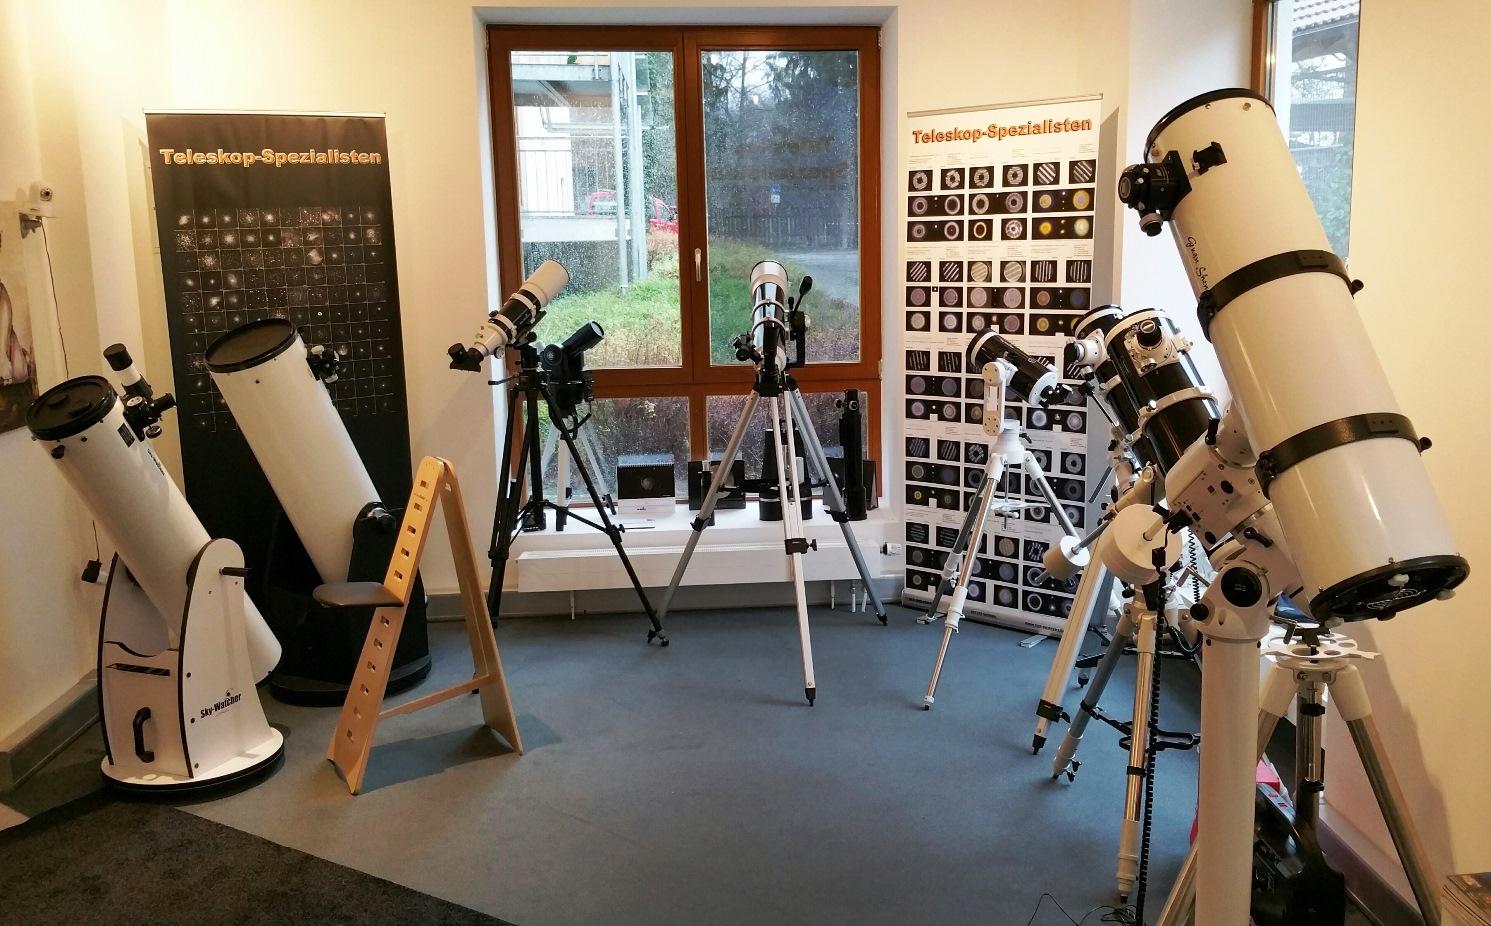 Beratung und Kauf von Teleskopen für Planeten, Mond, Galaxien und mehr